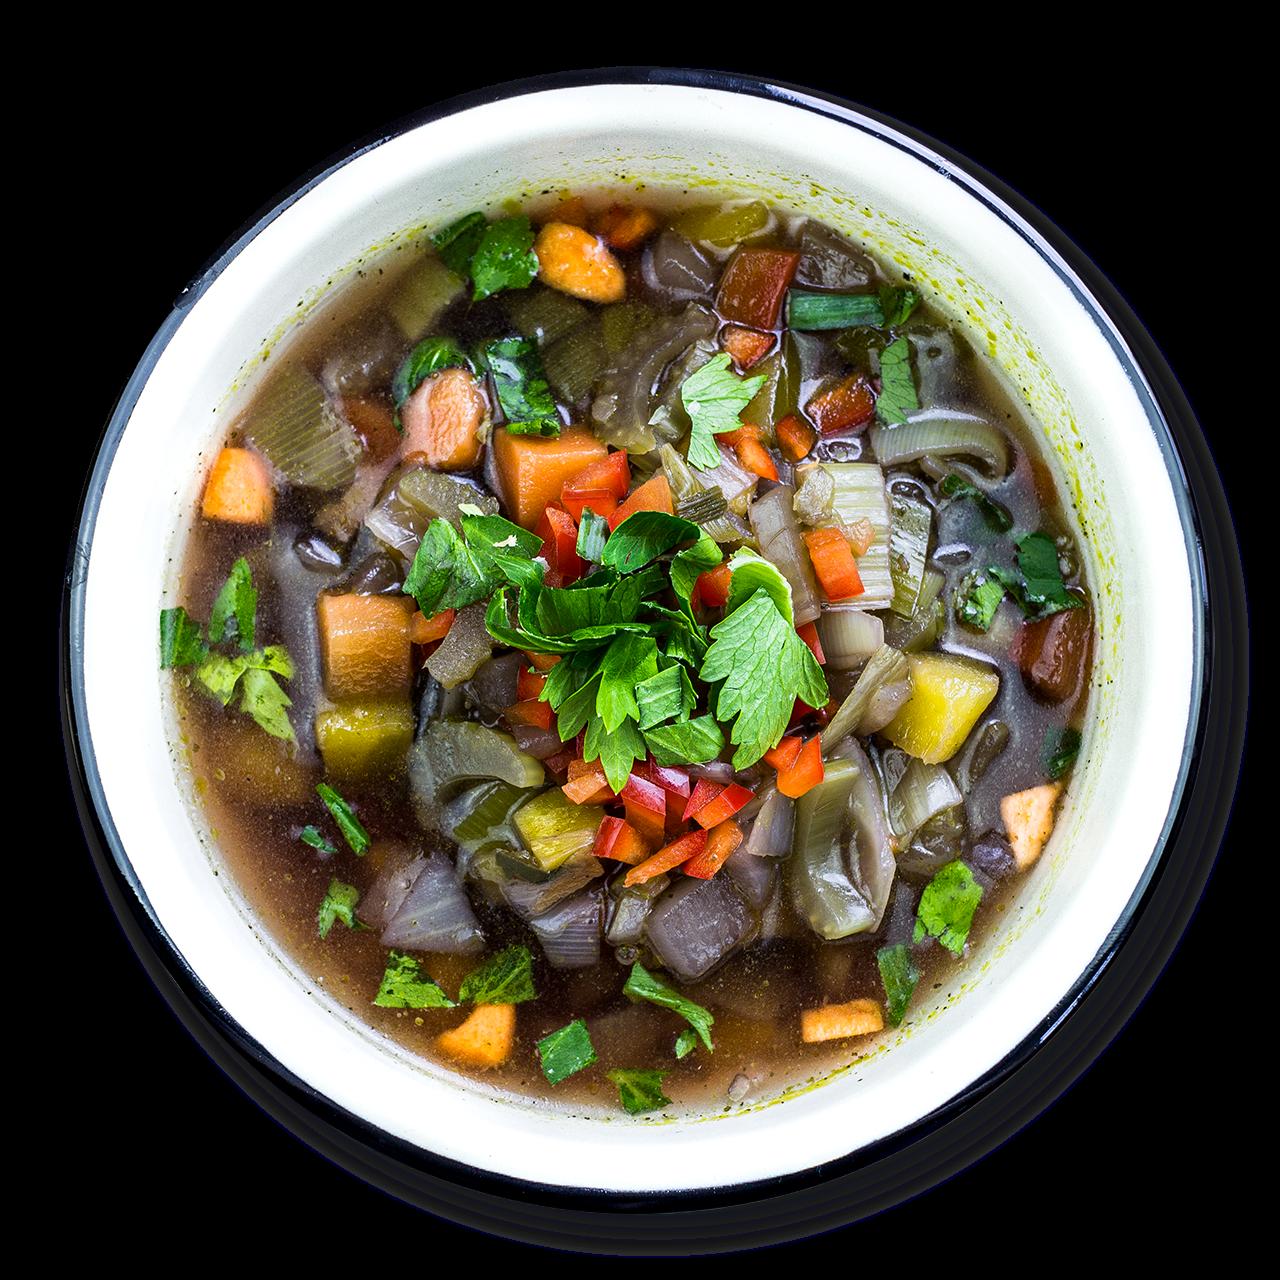 tostibanaan-groentesoep